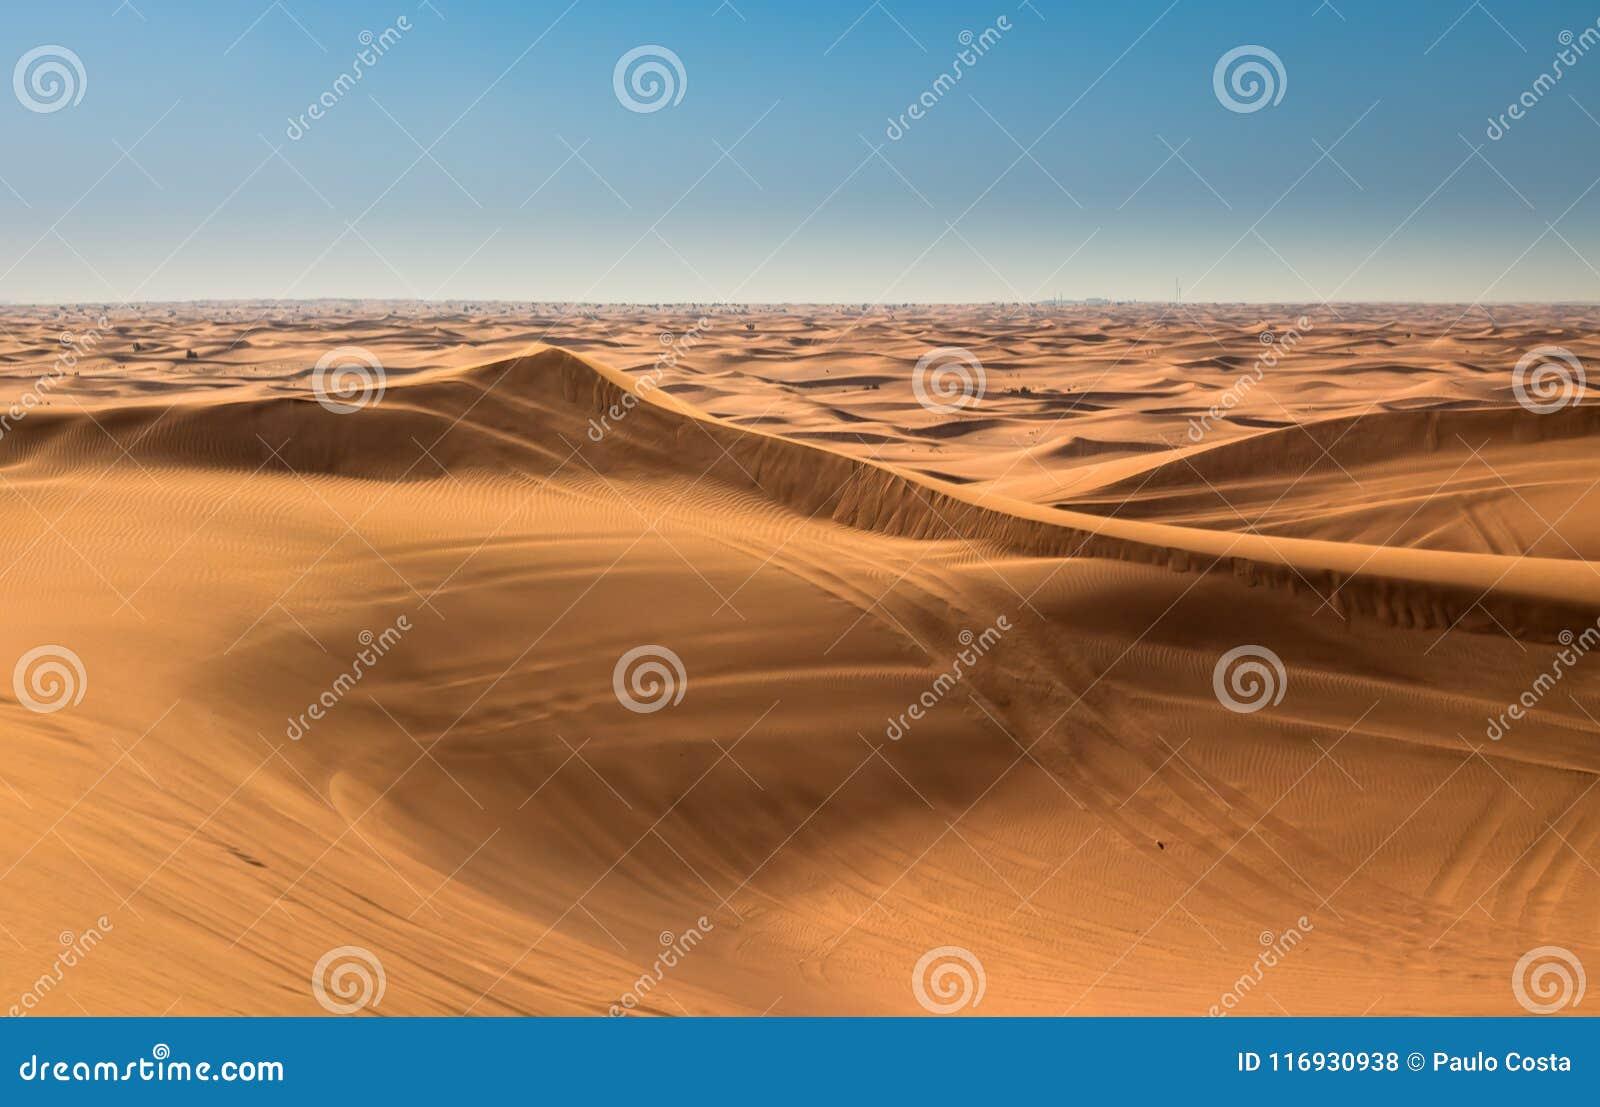 Esposizione di tramonto del deserto vicino al Dubai, Emirati Arabi Uniti